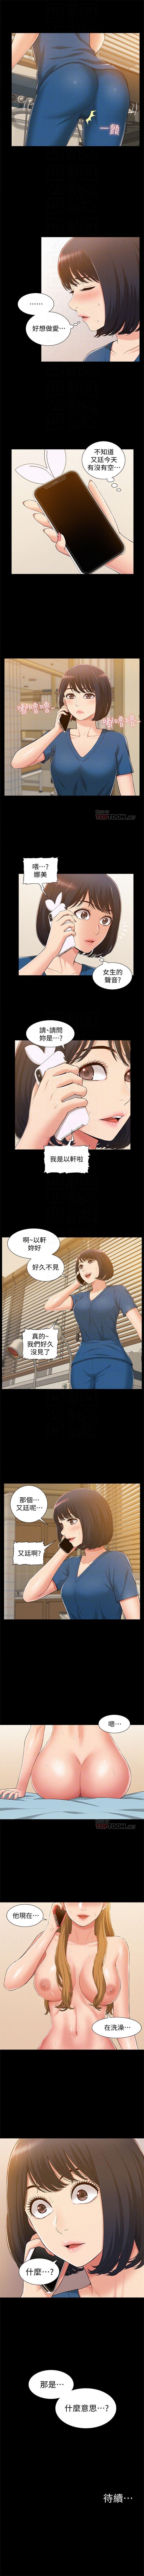 (週4)難言之隱 1-24 中文翻譯(更新中) 49